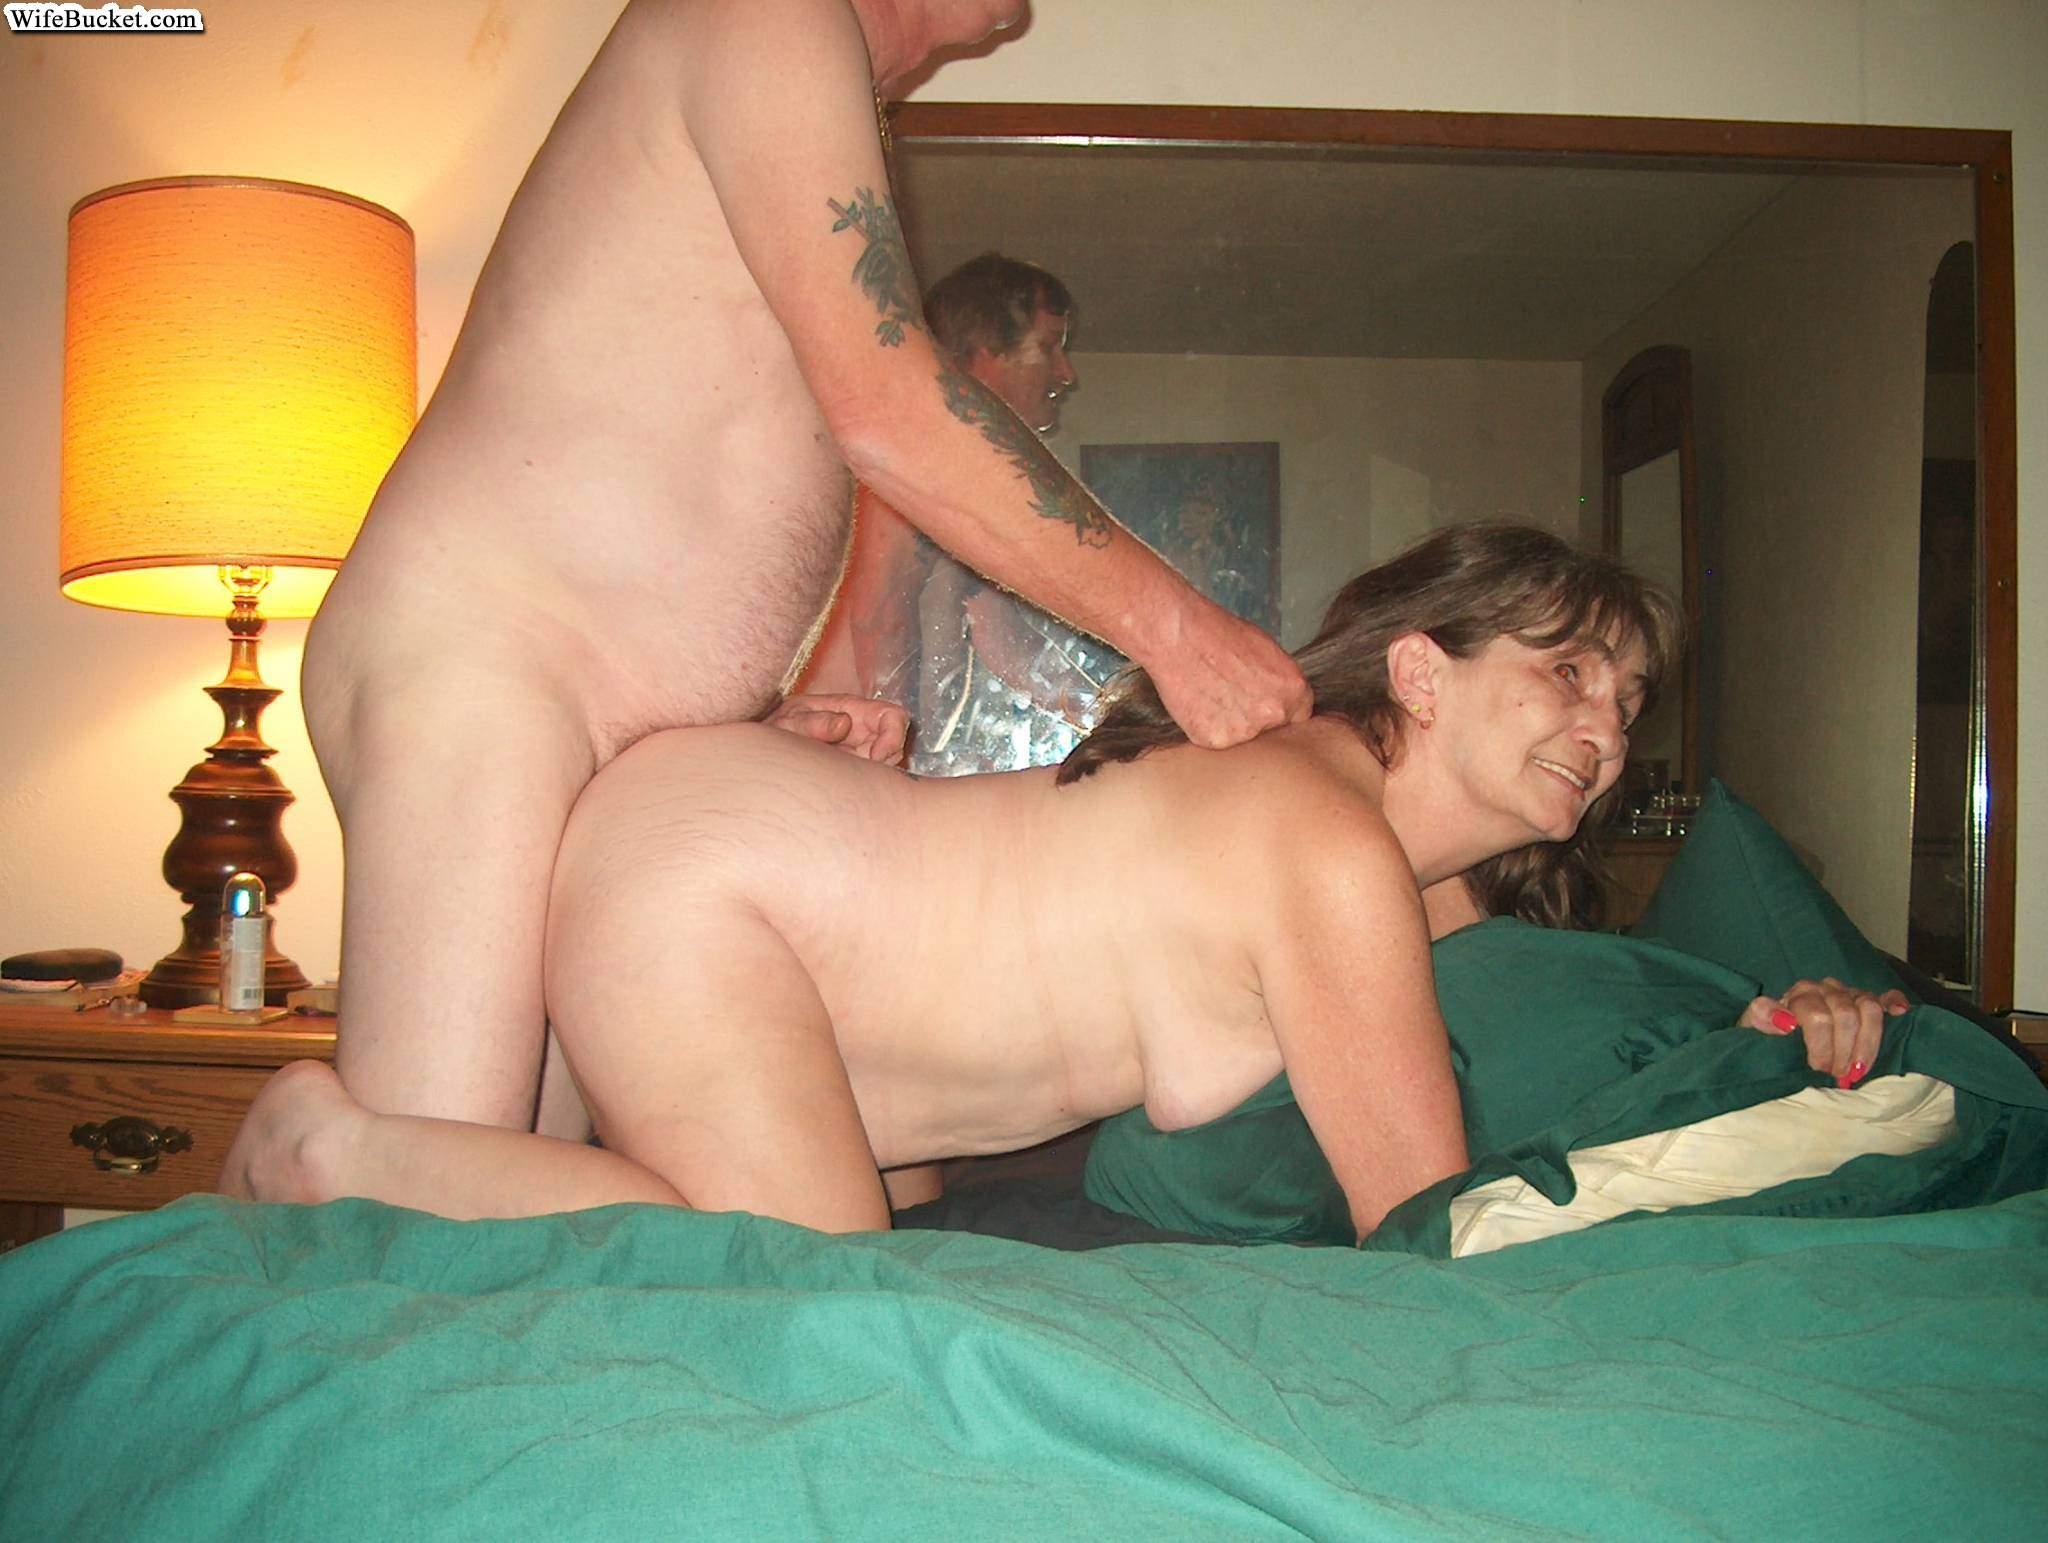 Смотреть порно с wifebucket 21 фотография